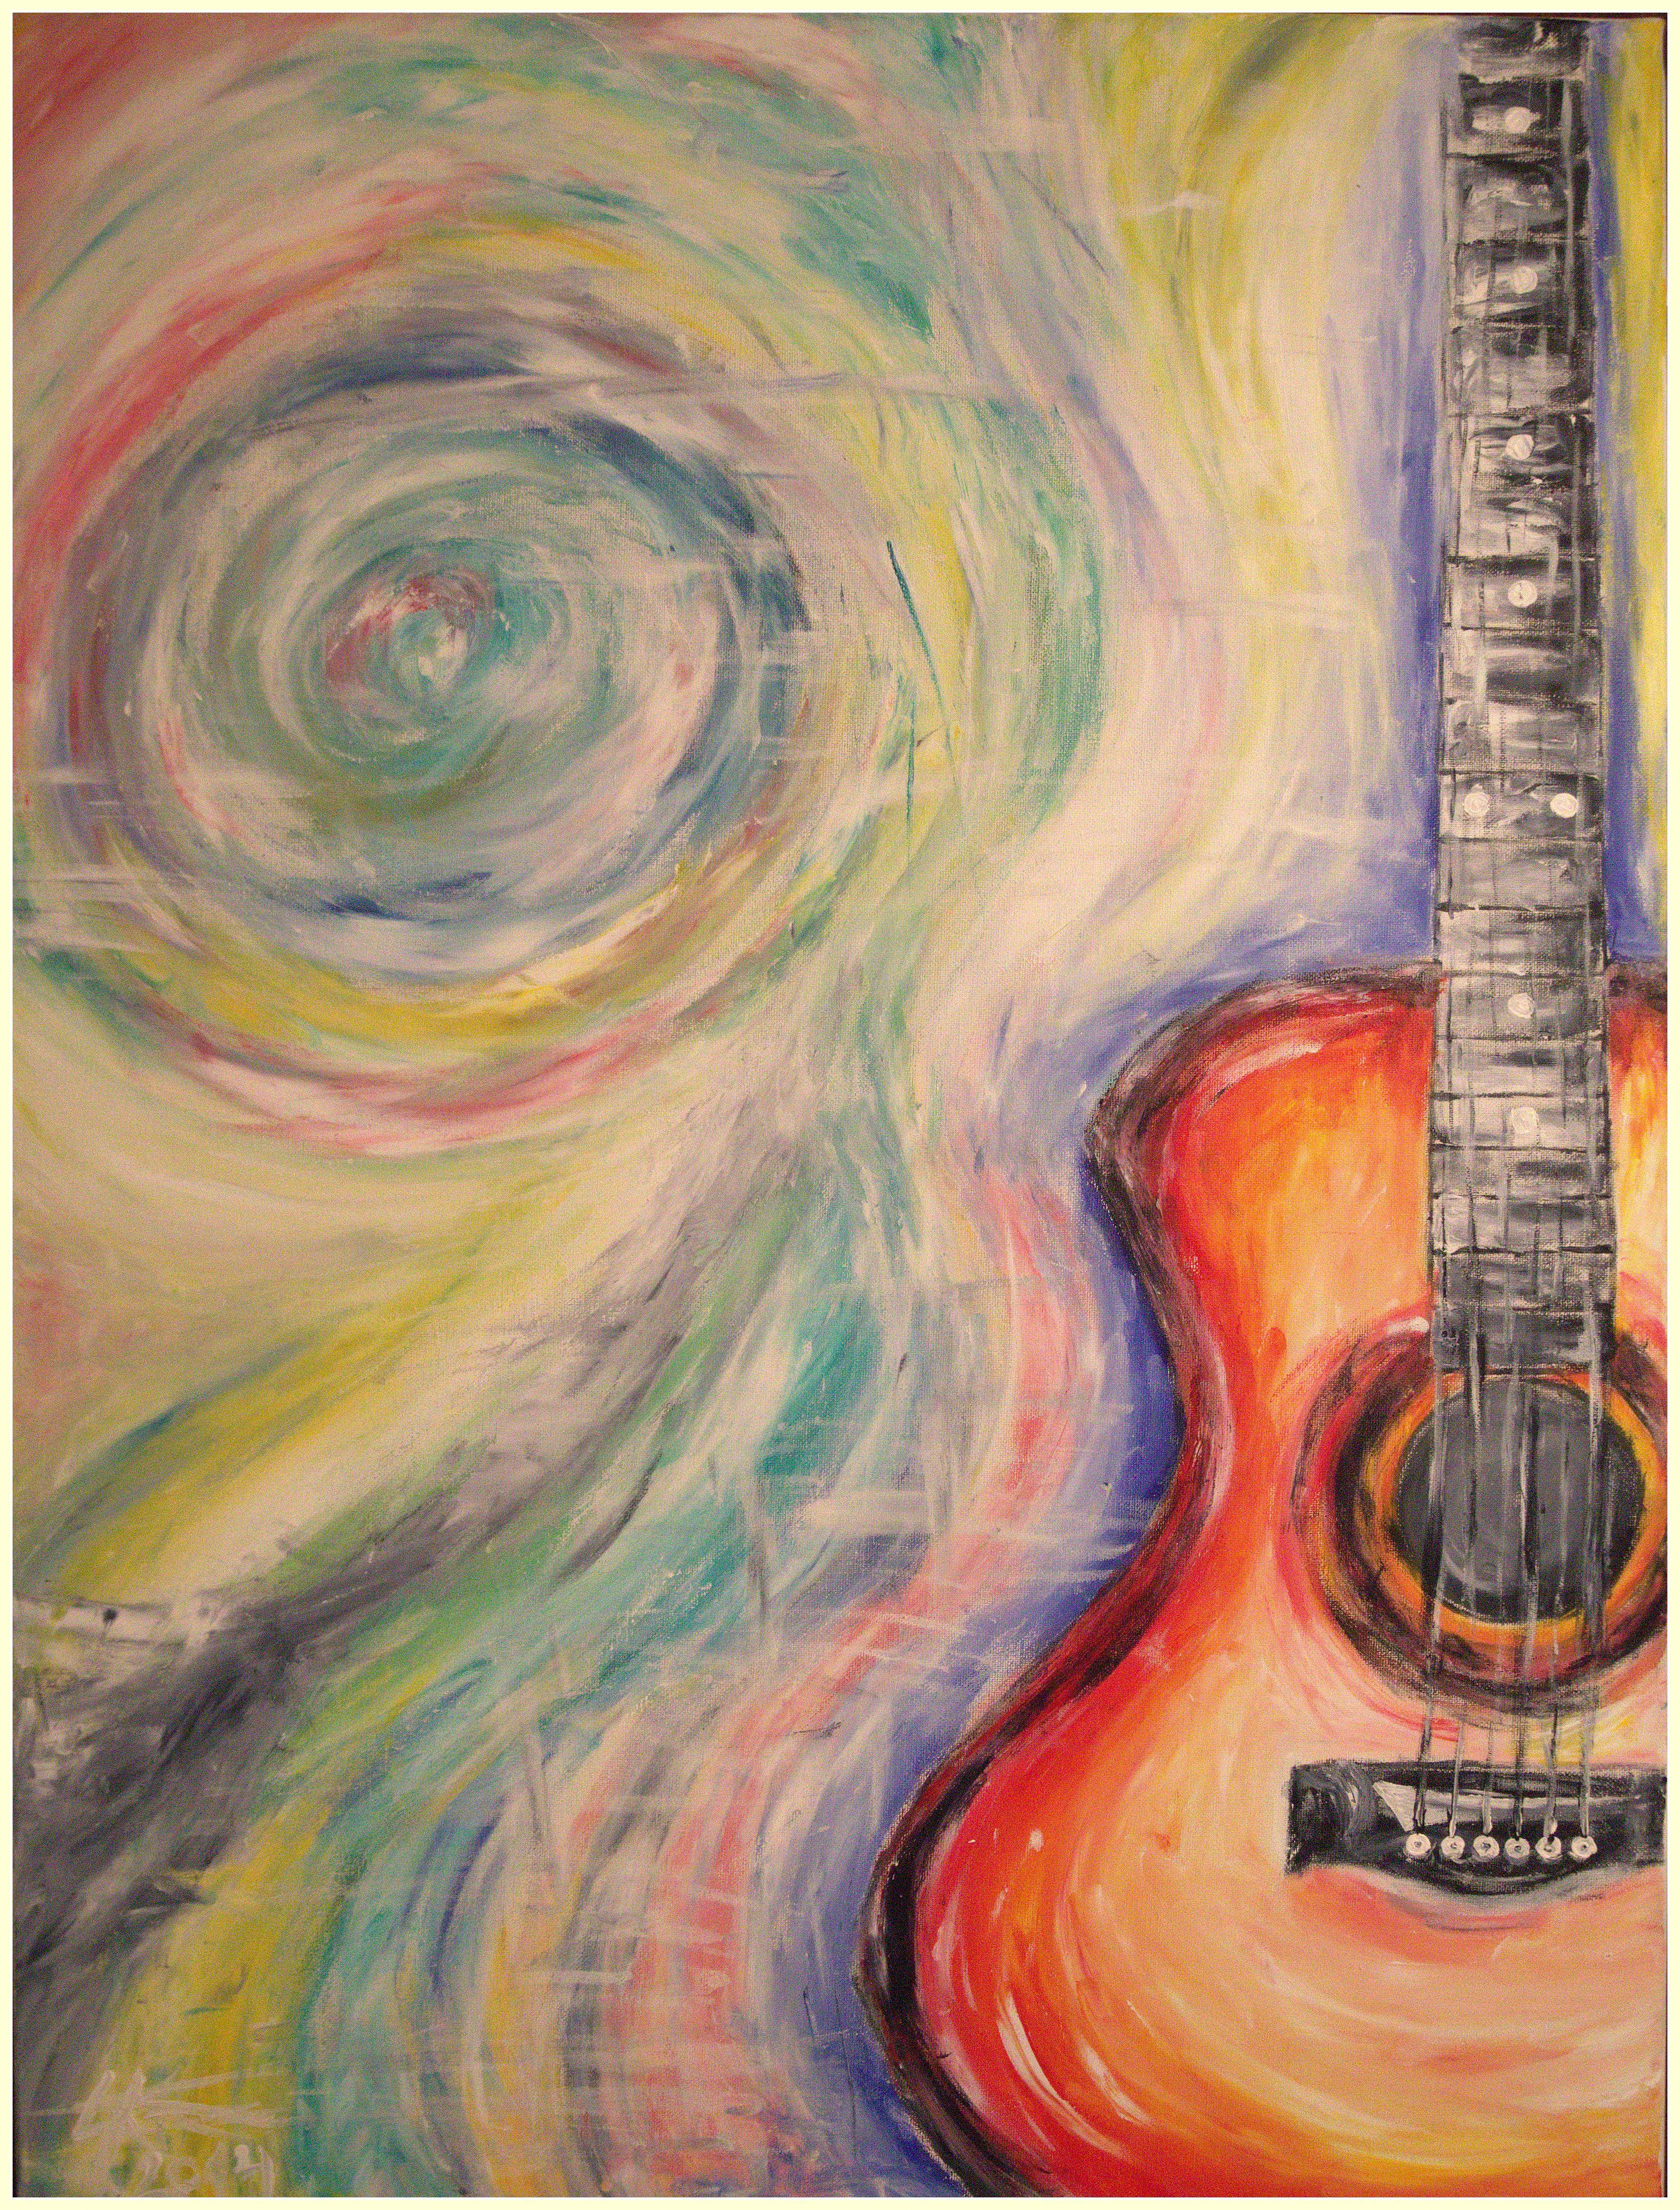 Harmonies string. (2014)